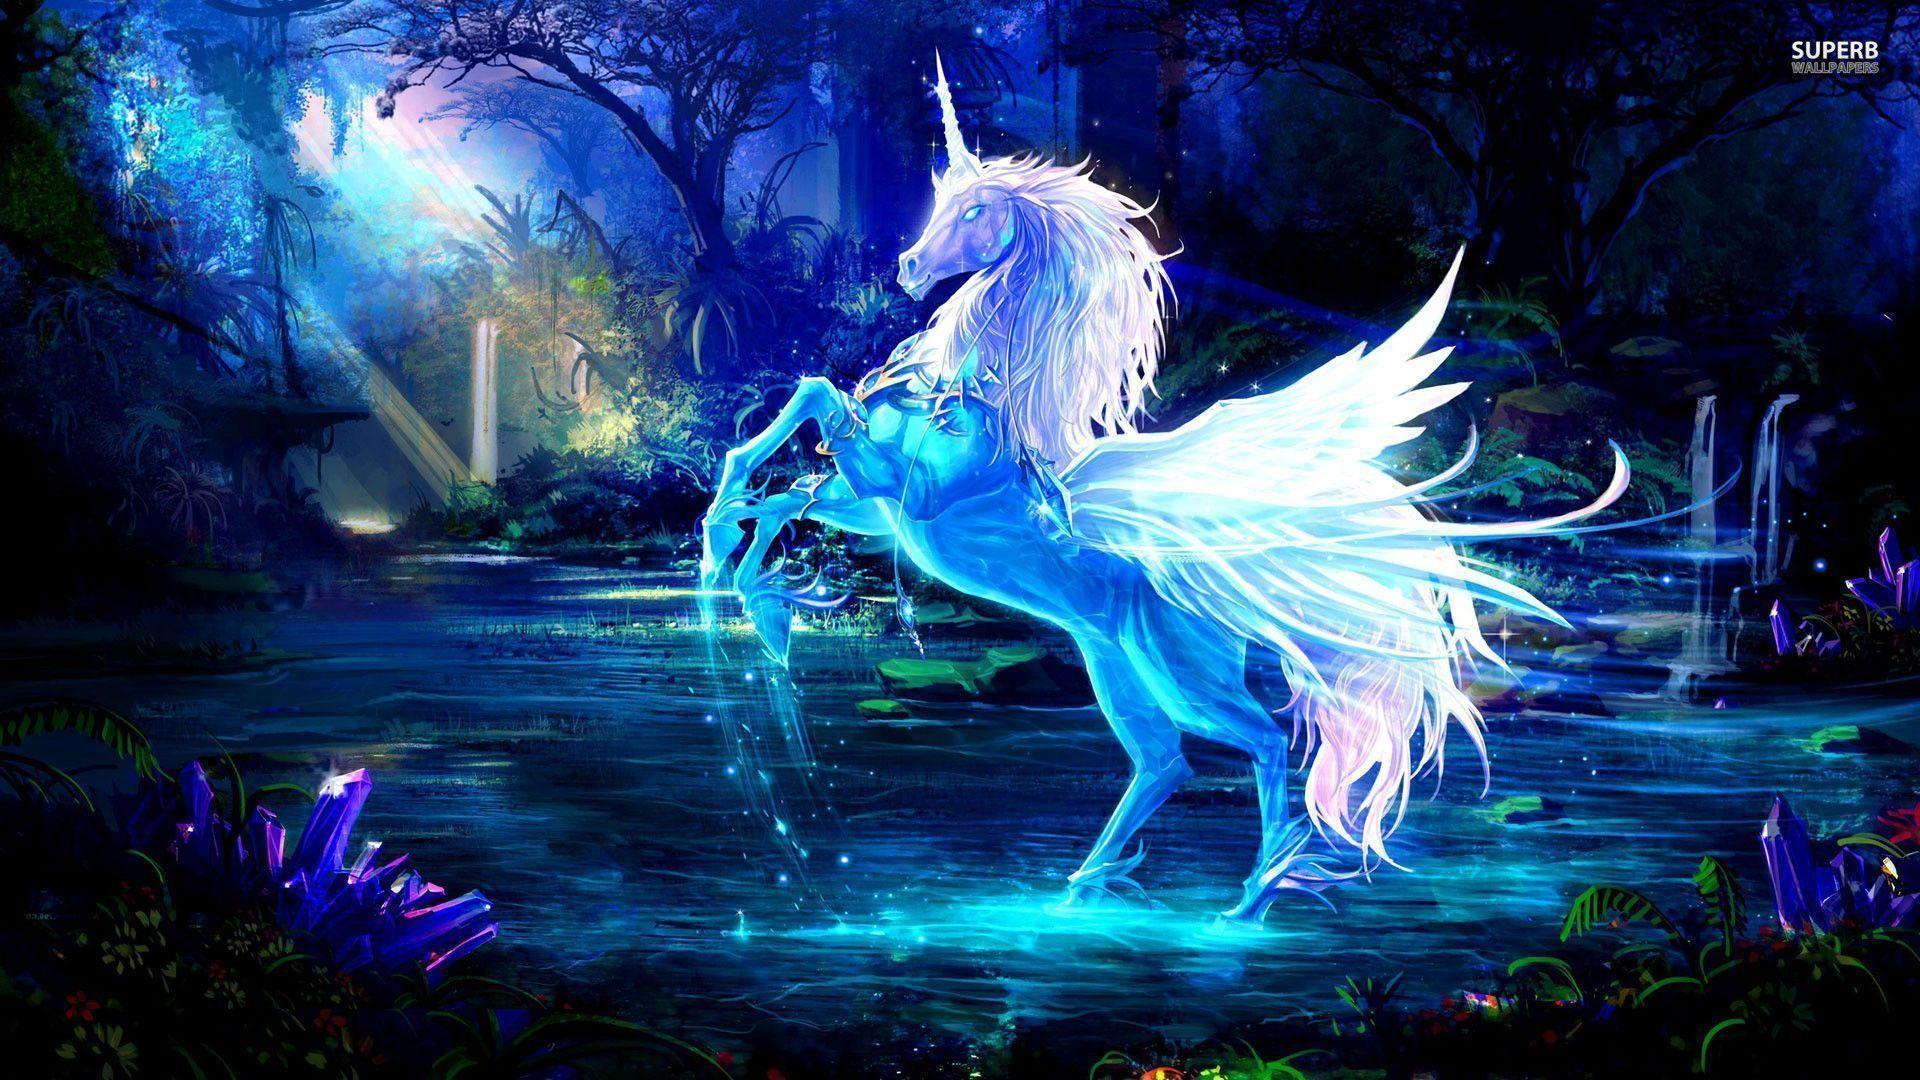 Unicorn Backgrounds 66 images 1920x1080